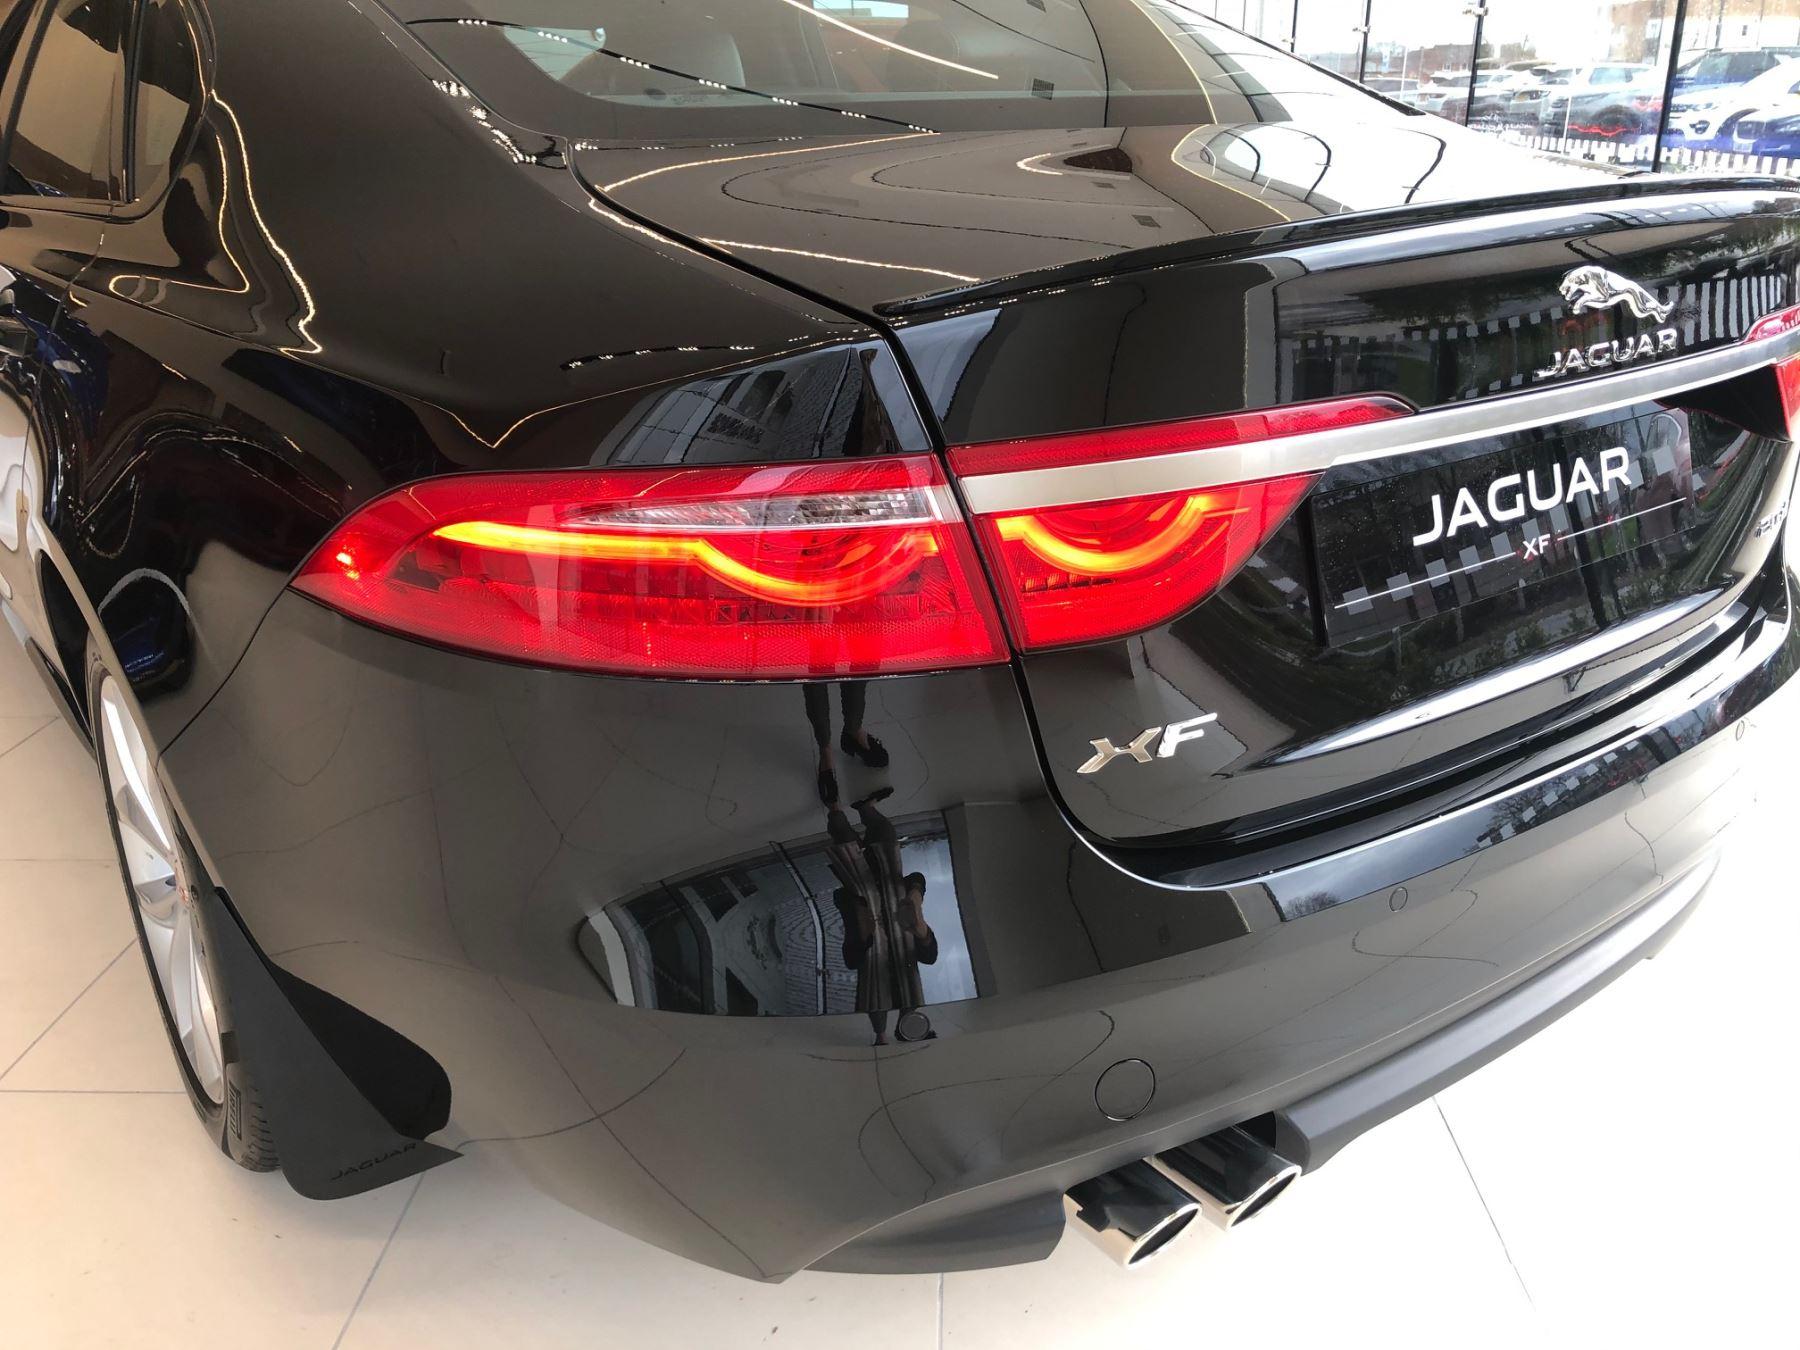 Jaguar XF 2.0d 180 R-Sport image 13